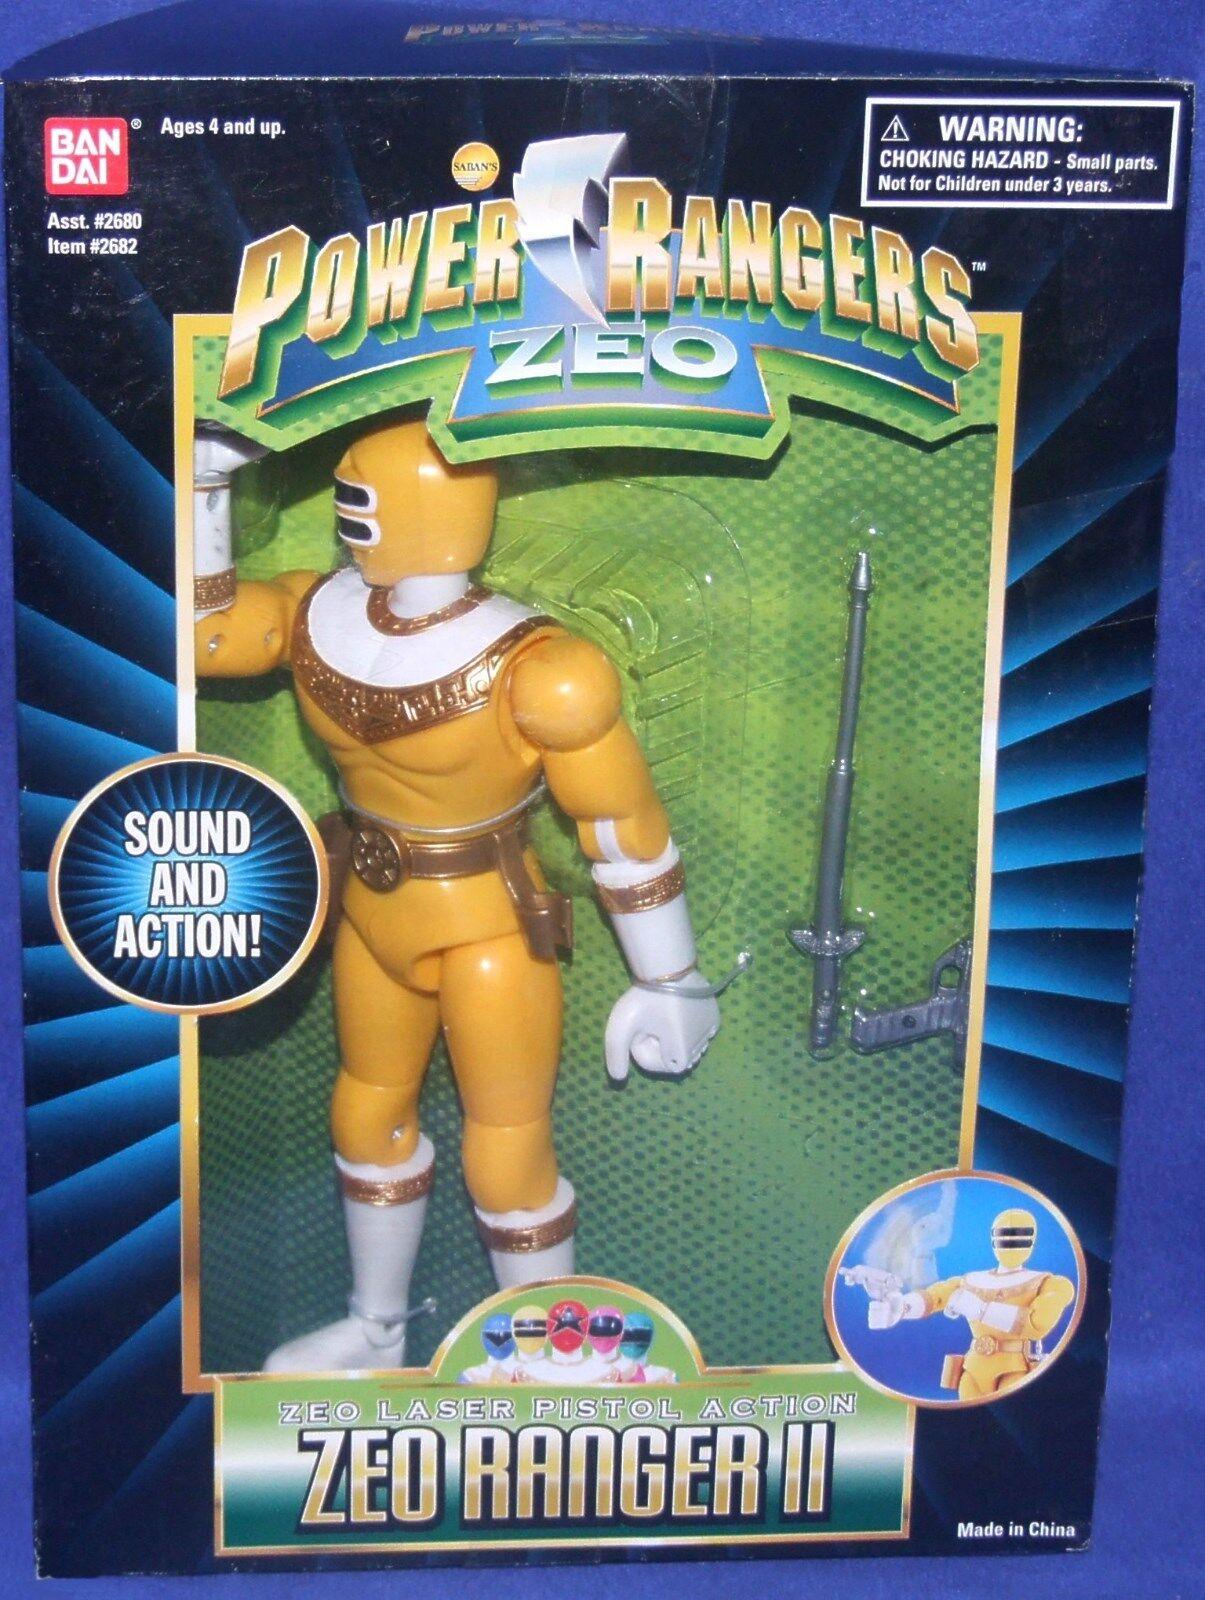 Energia Rangers ZEO 8  gituttio Zeo Ranger II  nuovo Factory Sealed 1996  vieni a scegliere il tuo stile sportivo